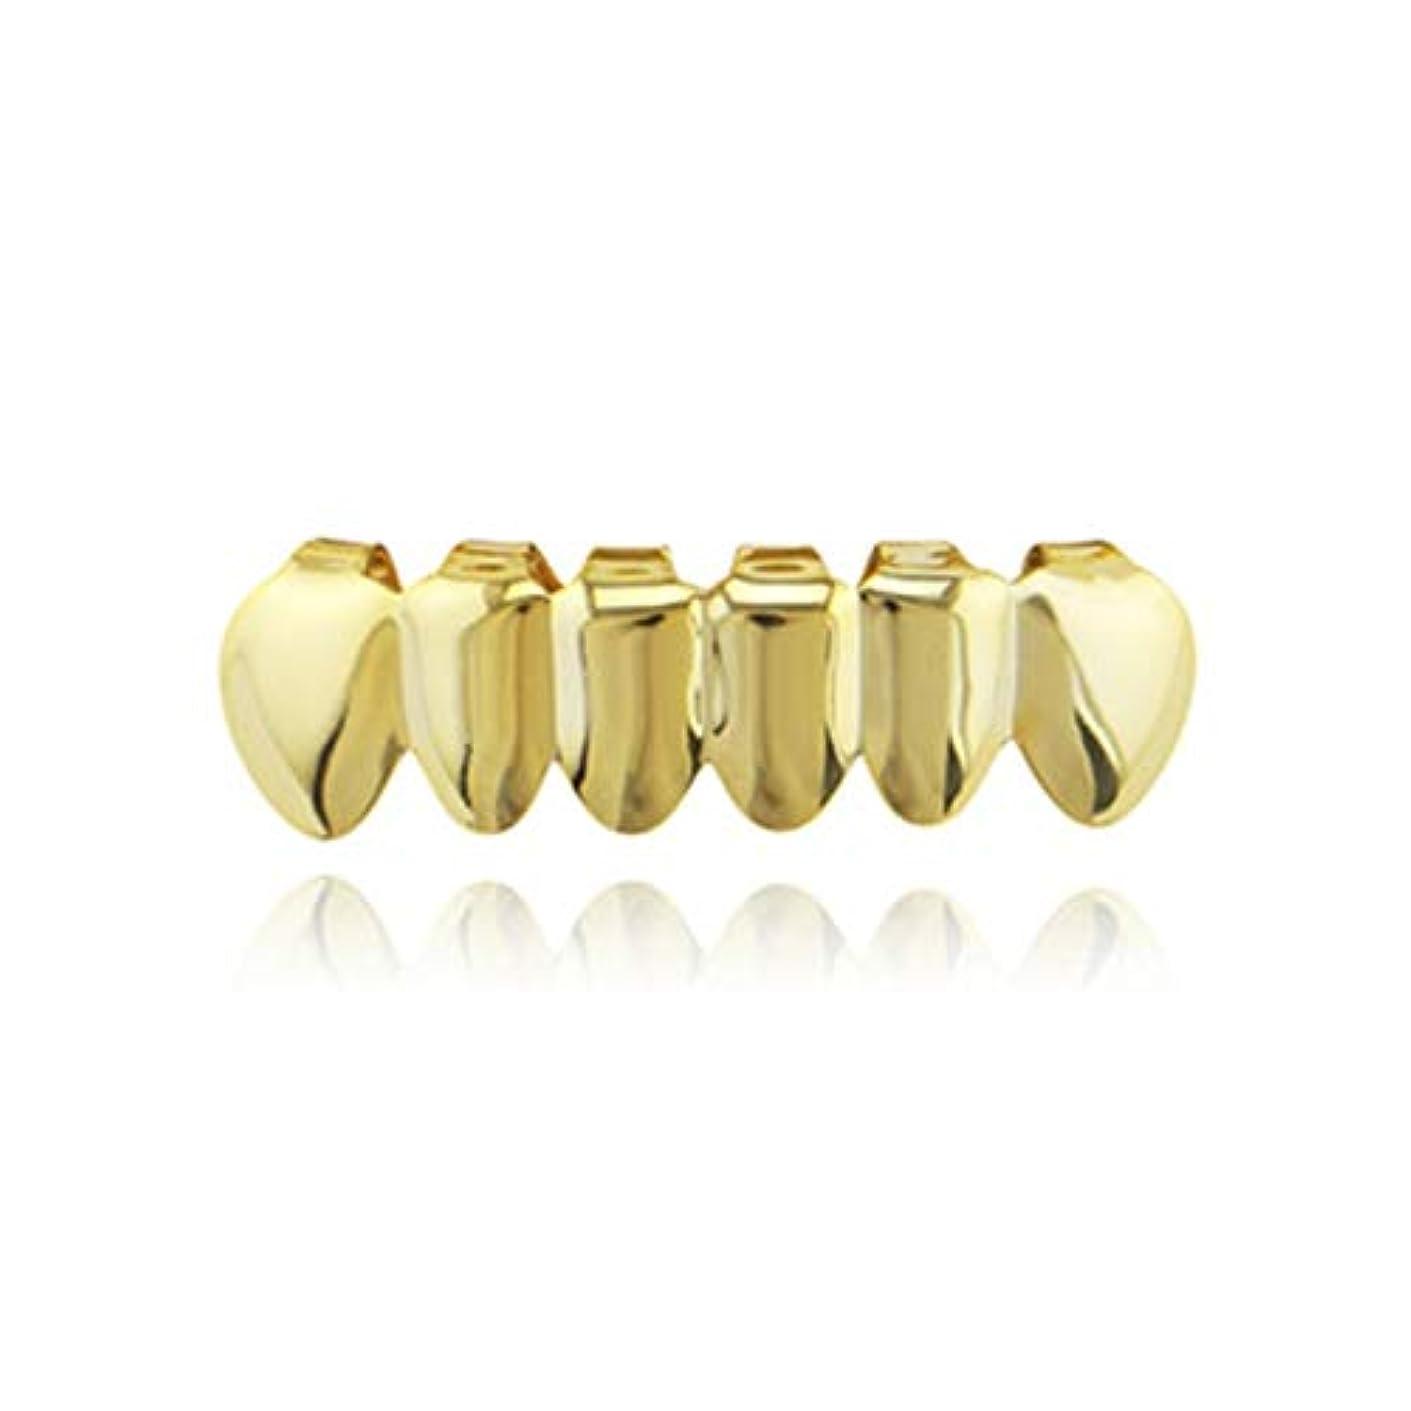 優遇適度な行為DeeploveUU 電気めっき銅6メッキ光沢のあるGrillz歯ヒップホップの歯トップ&ボトムティース歯グリル用クリスマスハロウィン